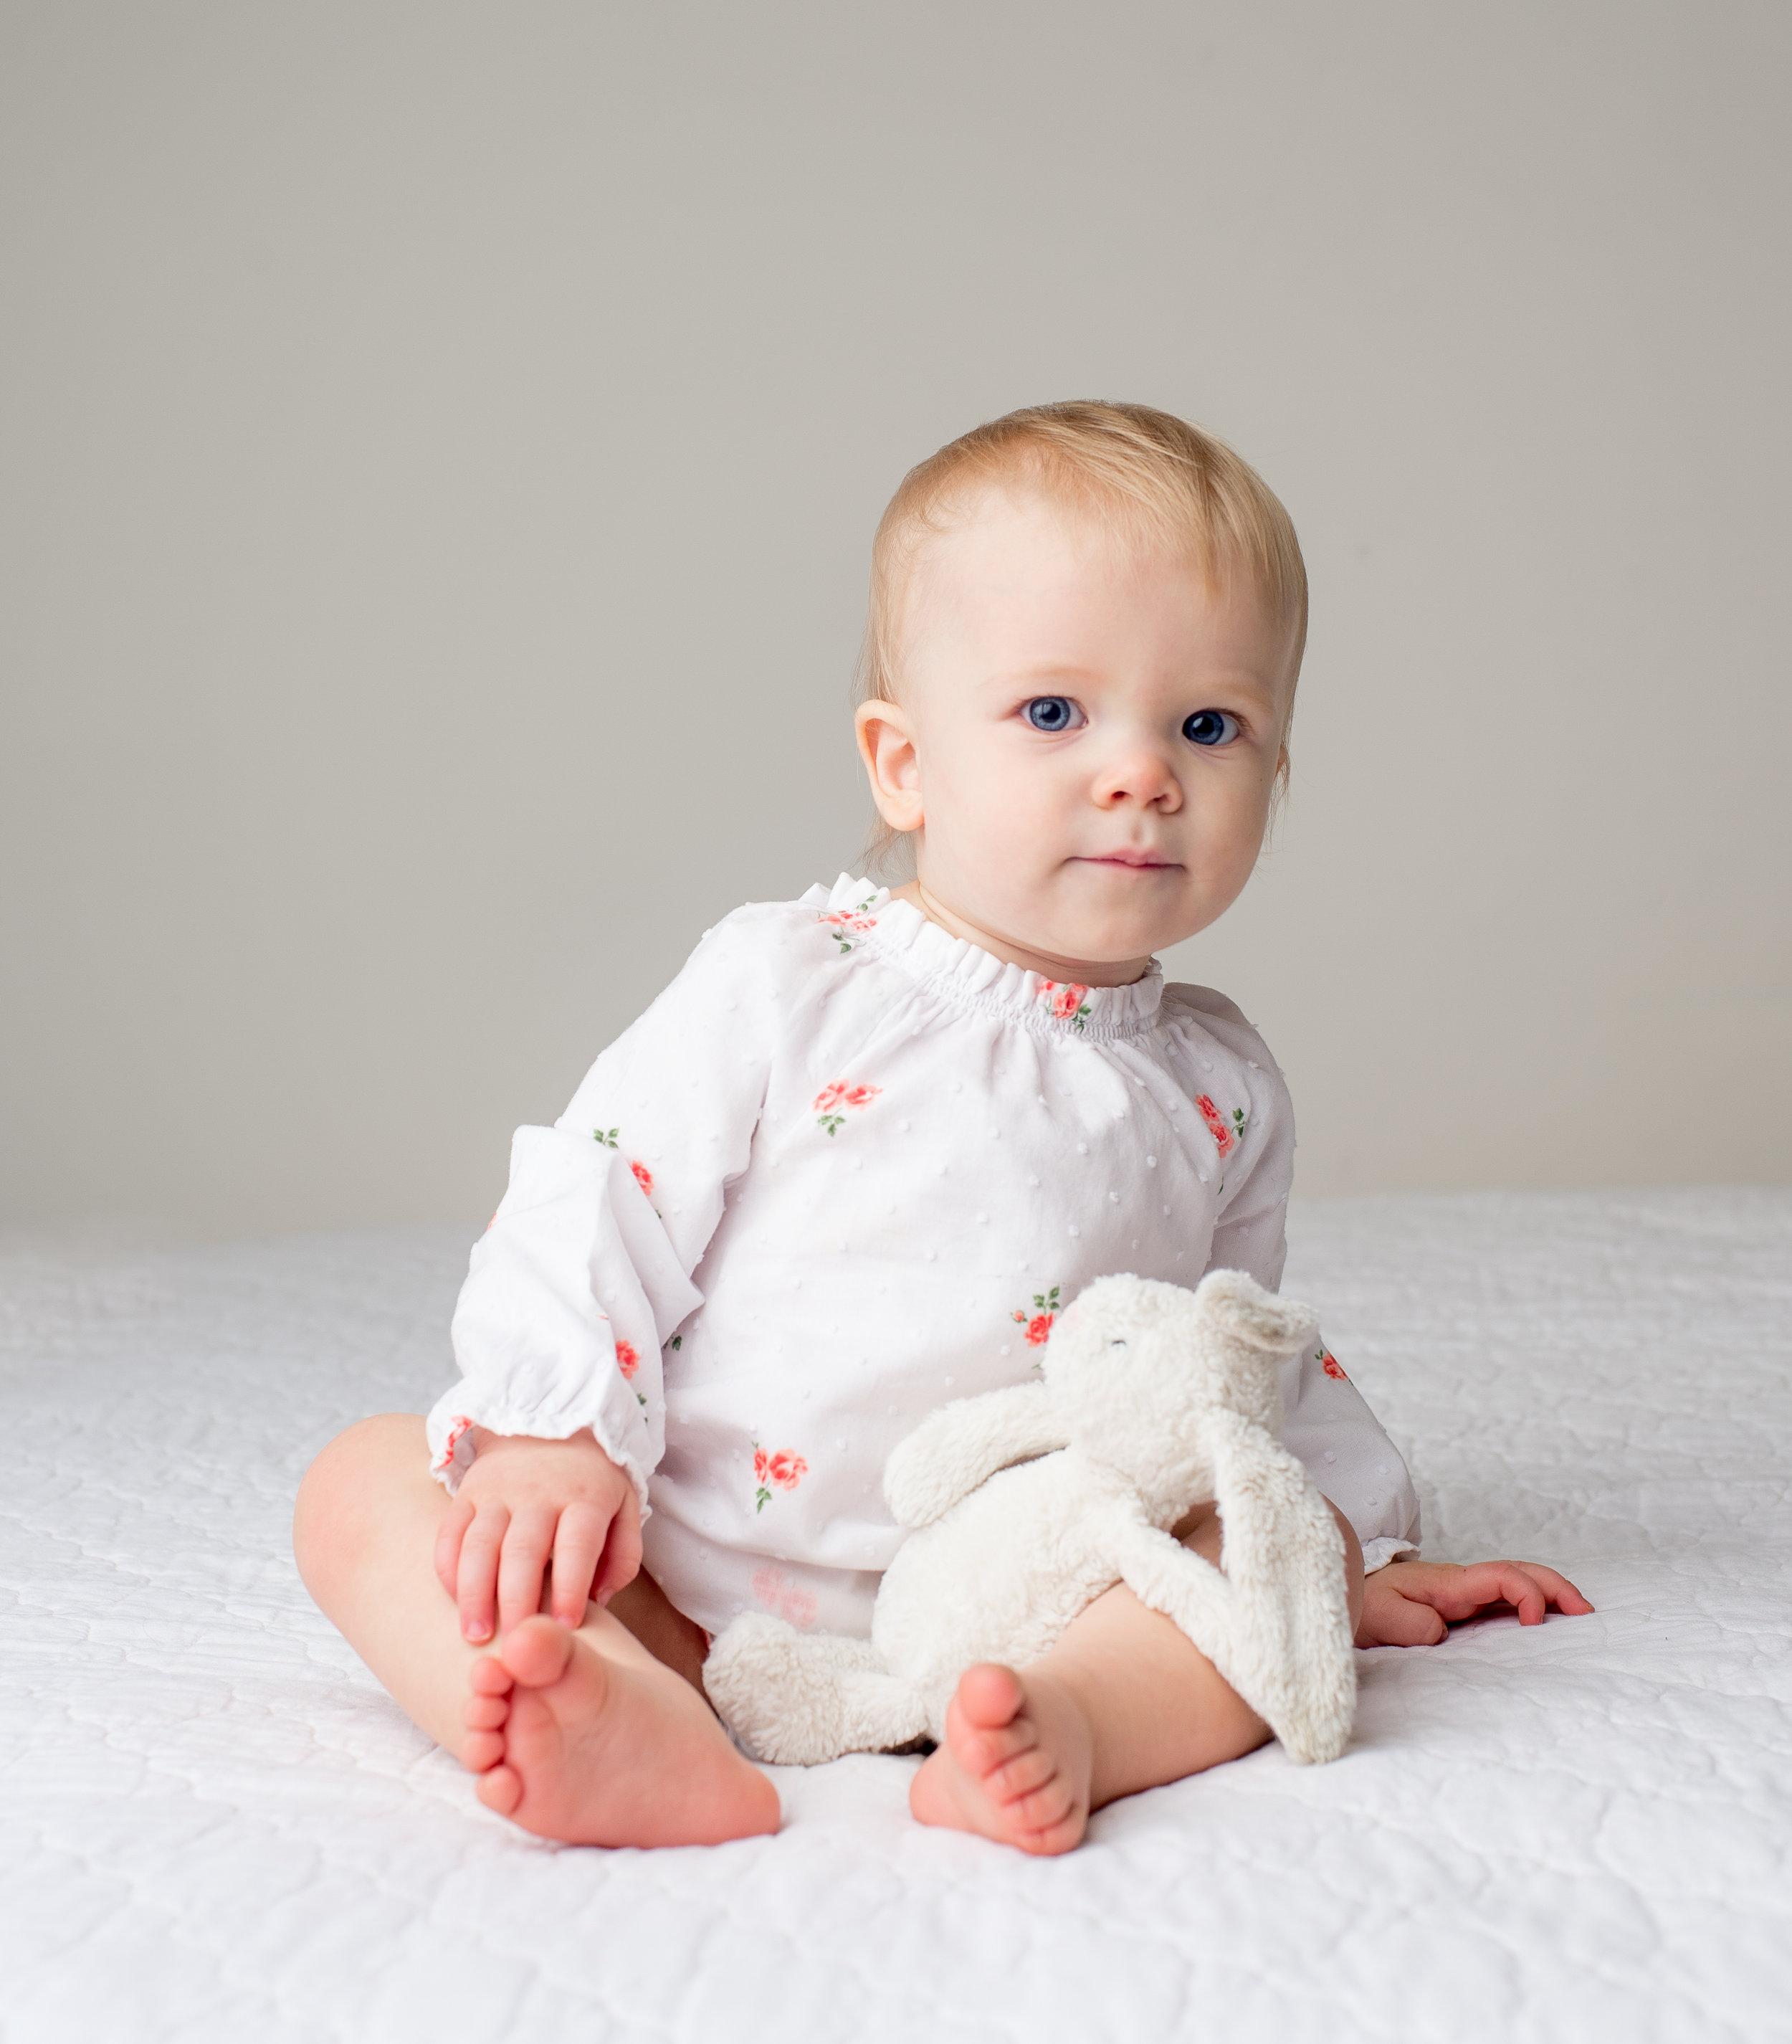 Armato Photography, Newborn Portrait